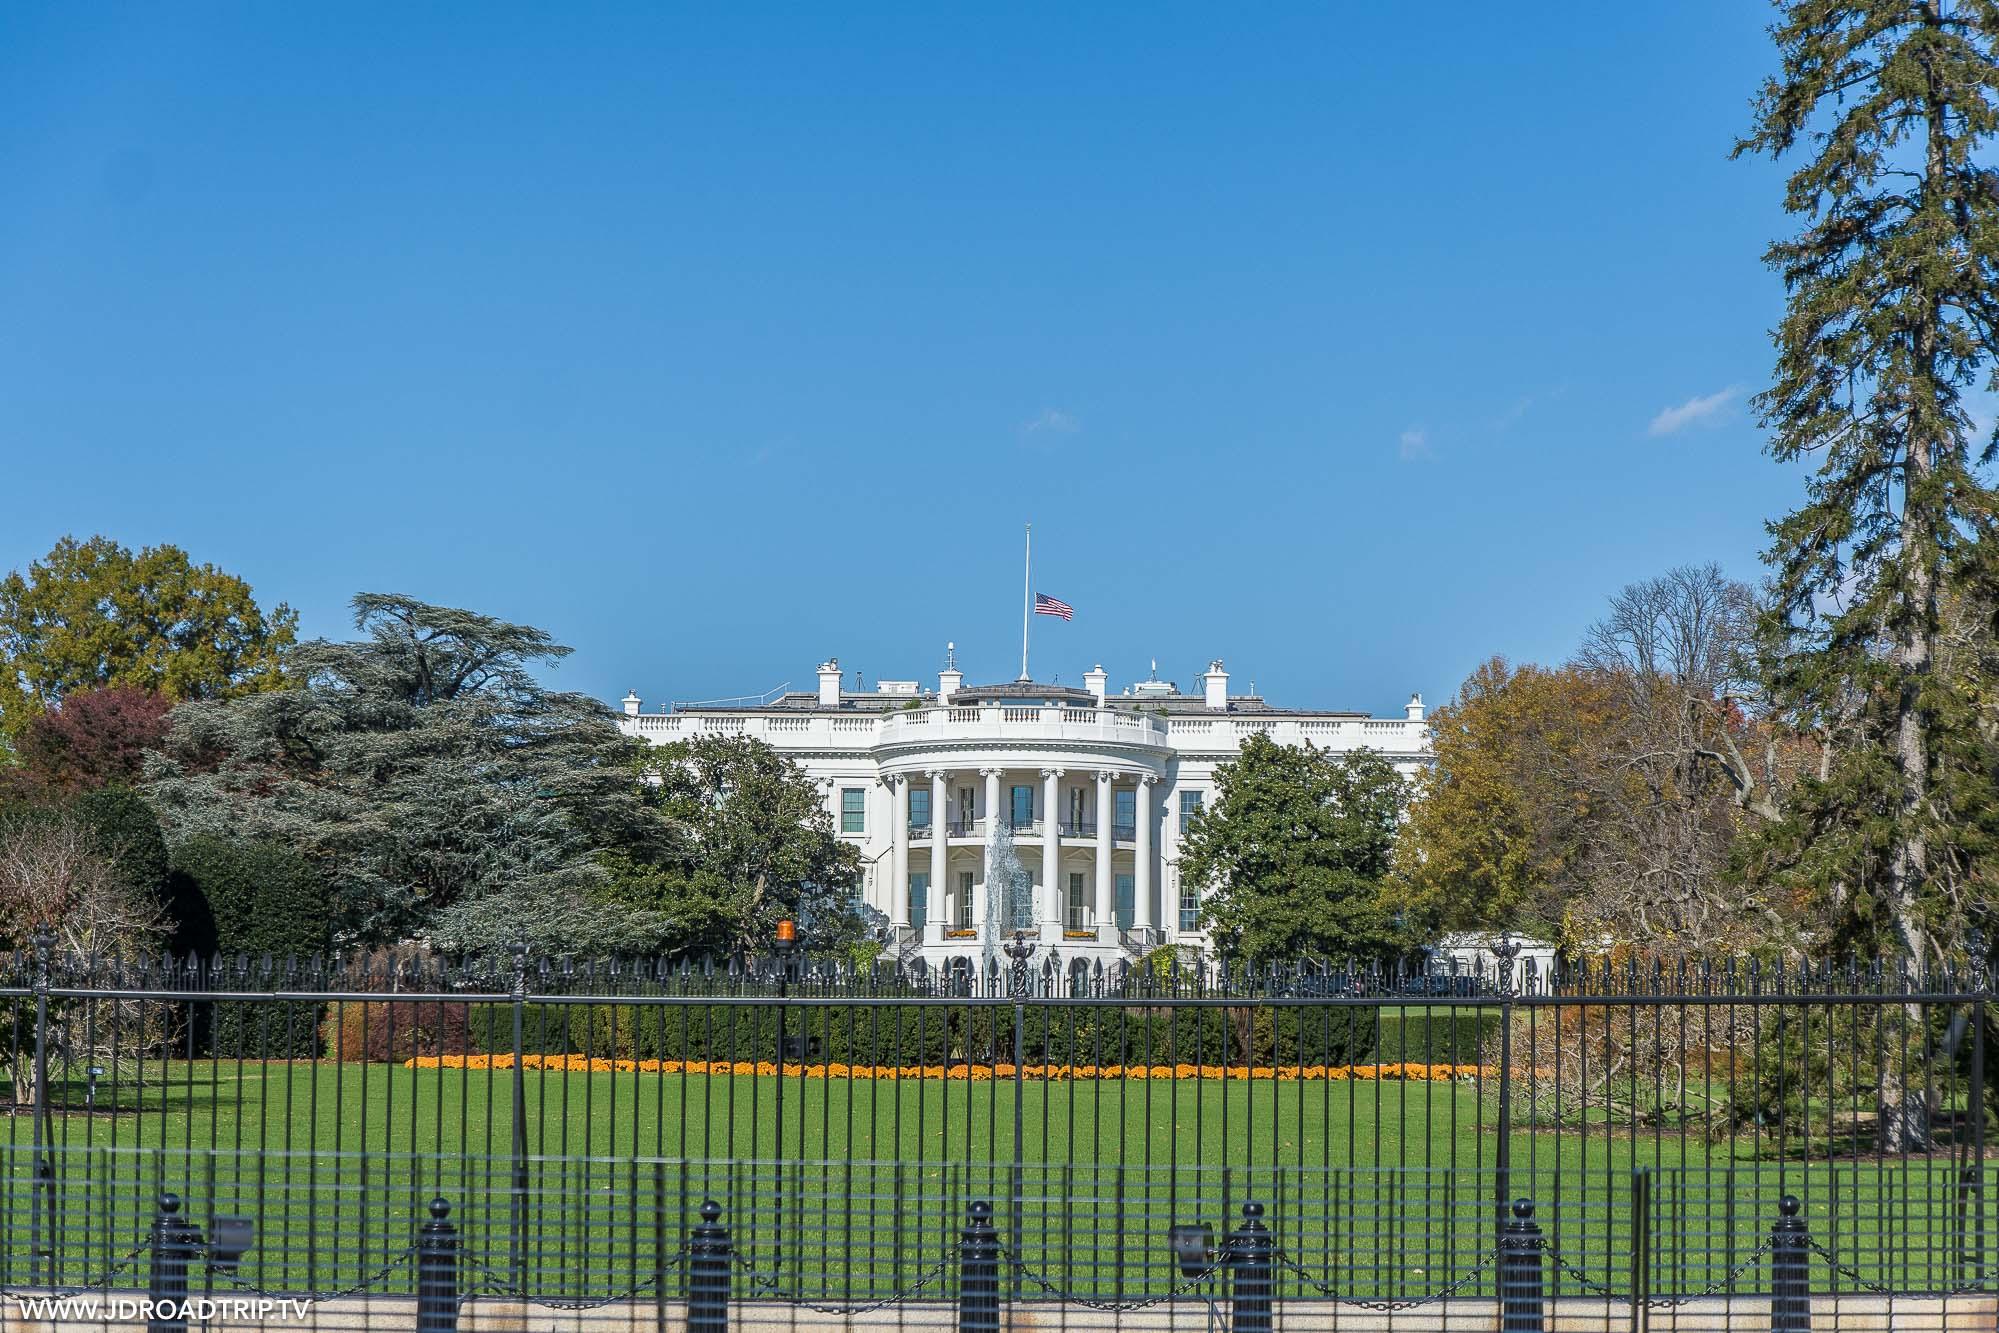 Visiter Washington DC en 5 jours - Maison Blanche